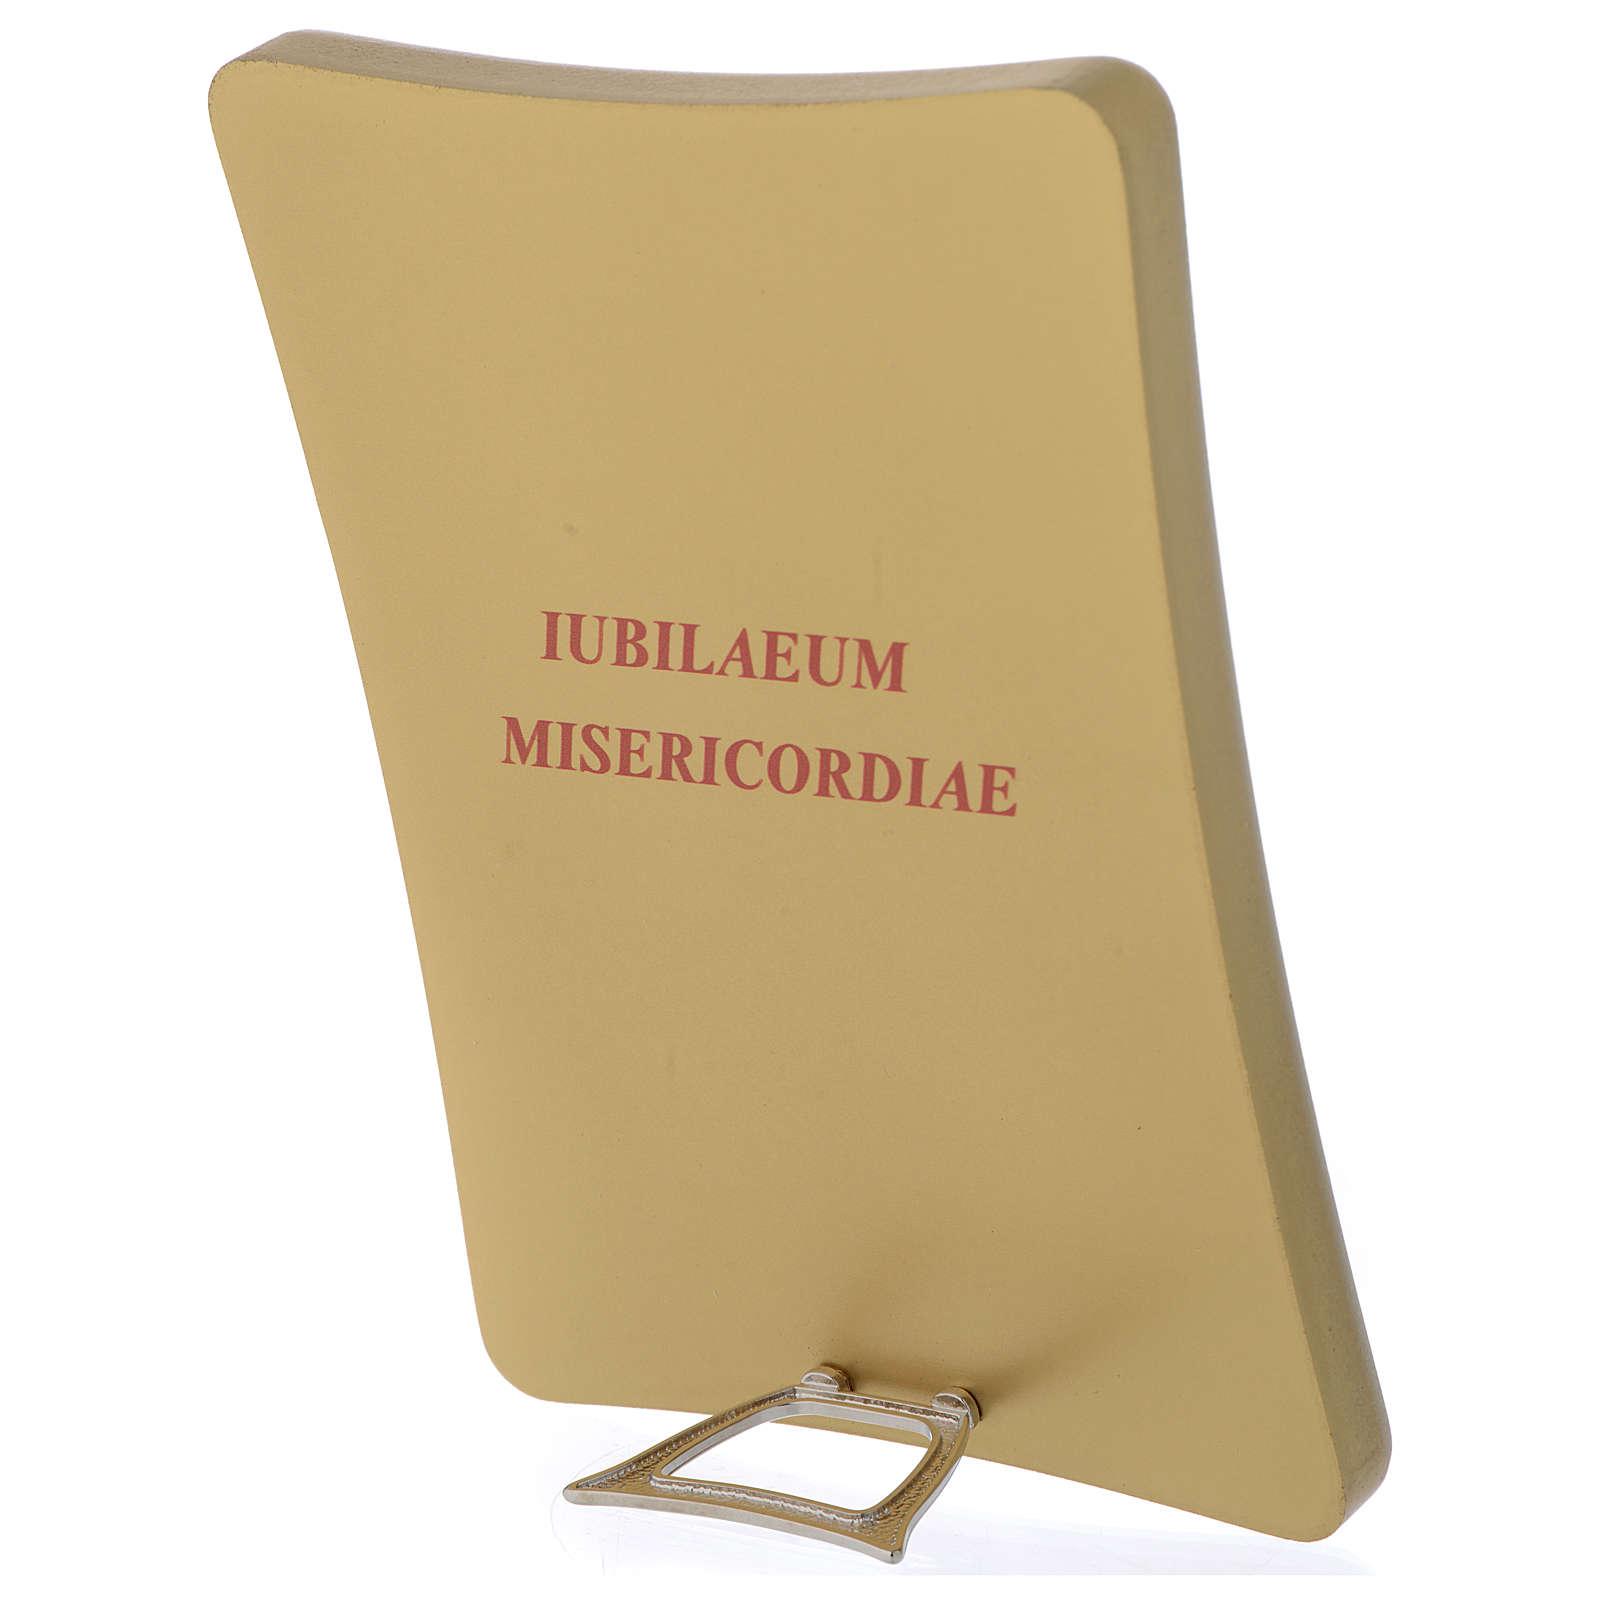 STOCK Druckbild mit Logo des Jubilaeum der Barmherzigkeit 17x12 cm 3